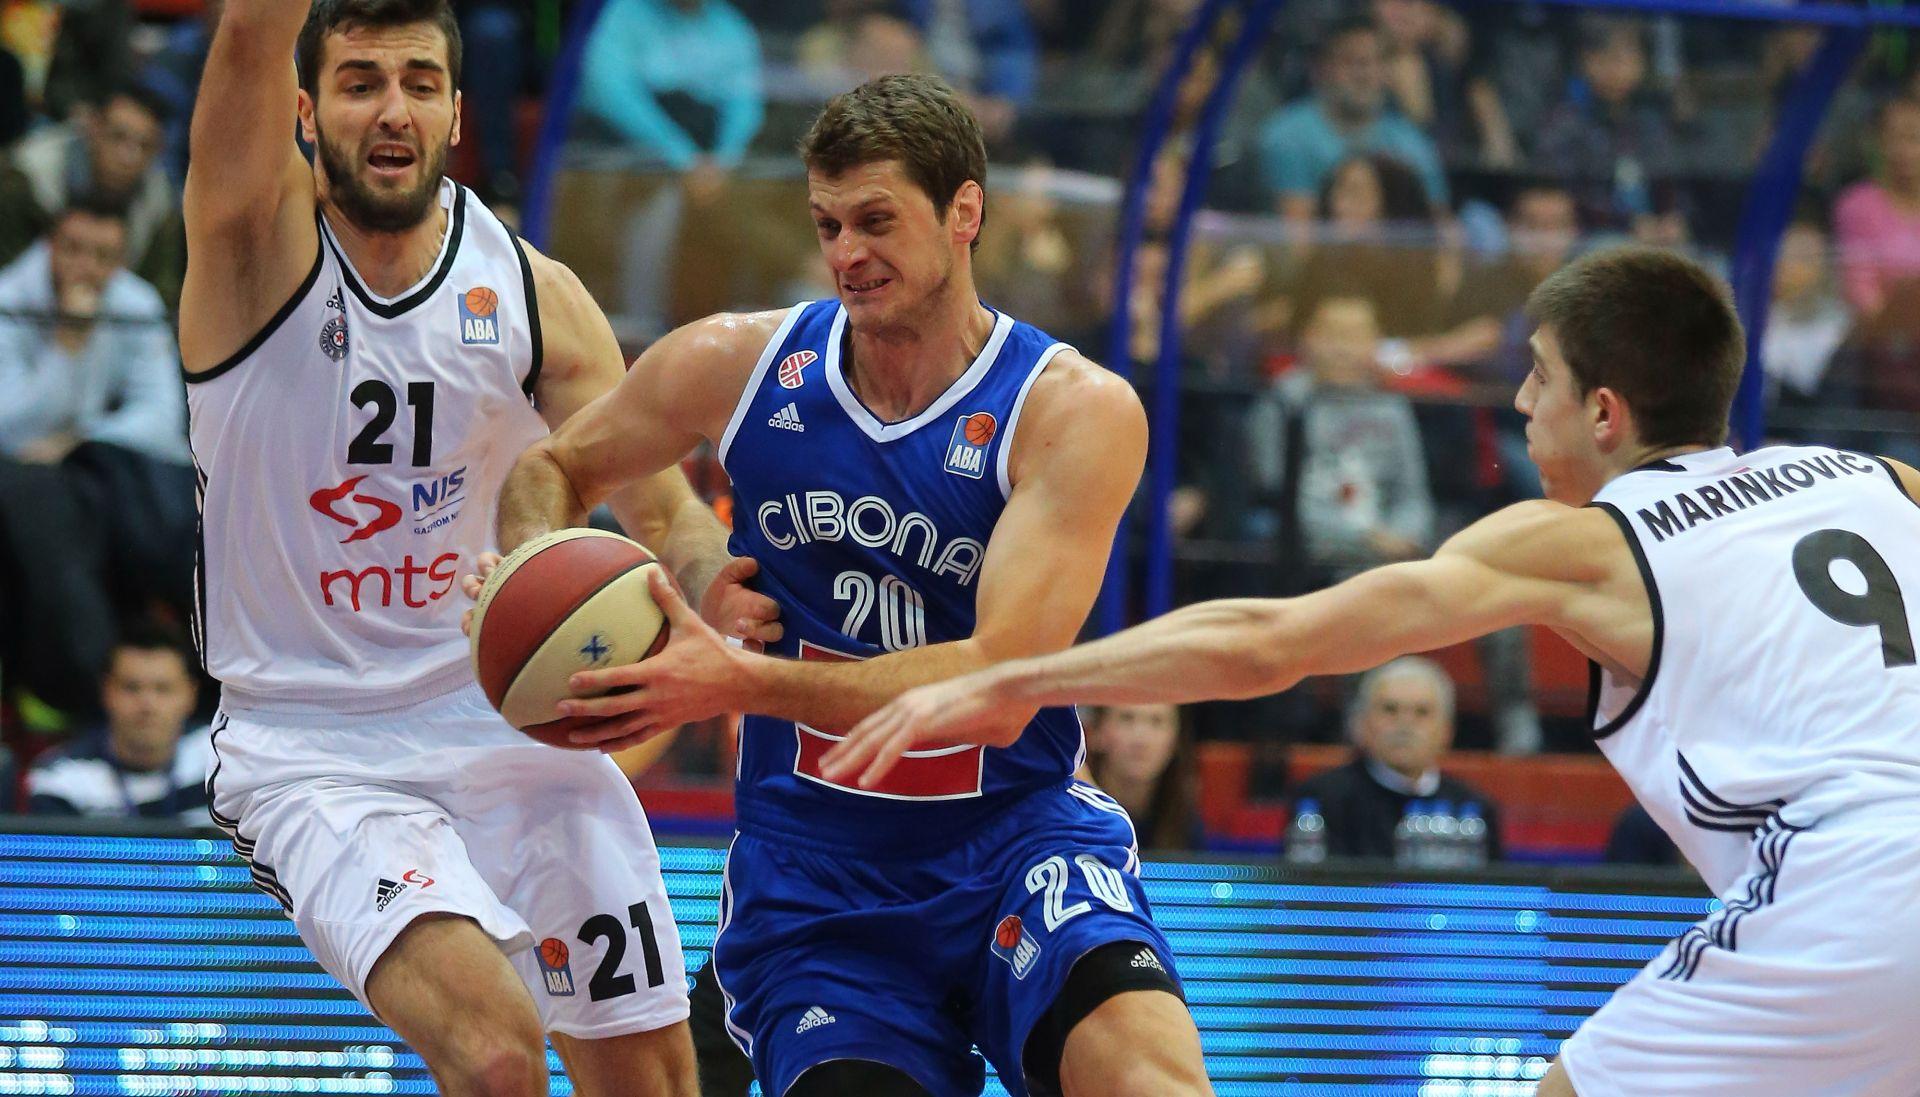 ABA LIGA Cibona poražena od Partizana